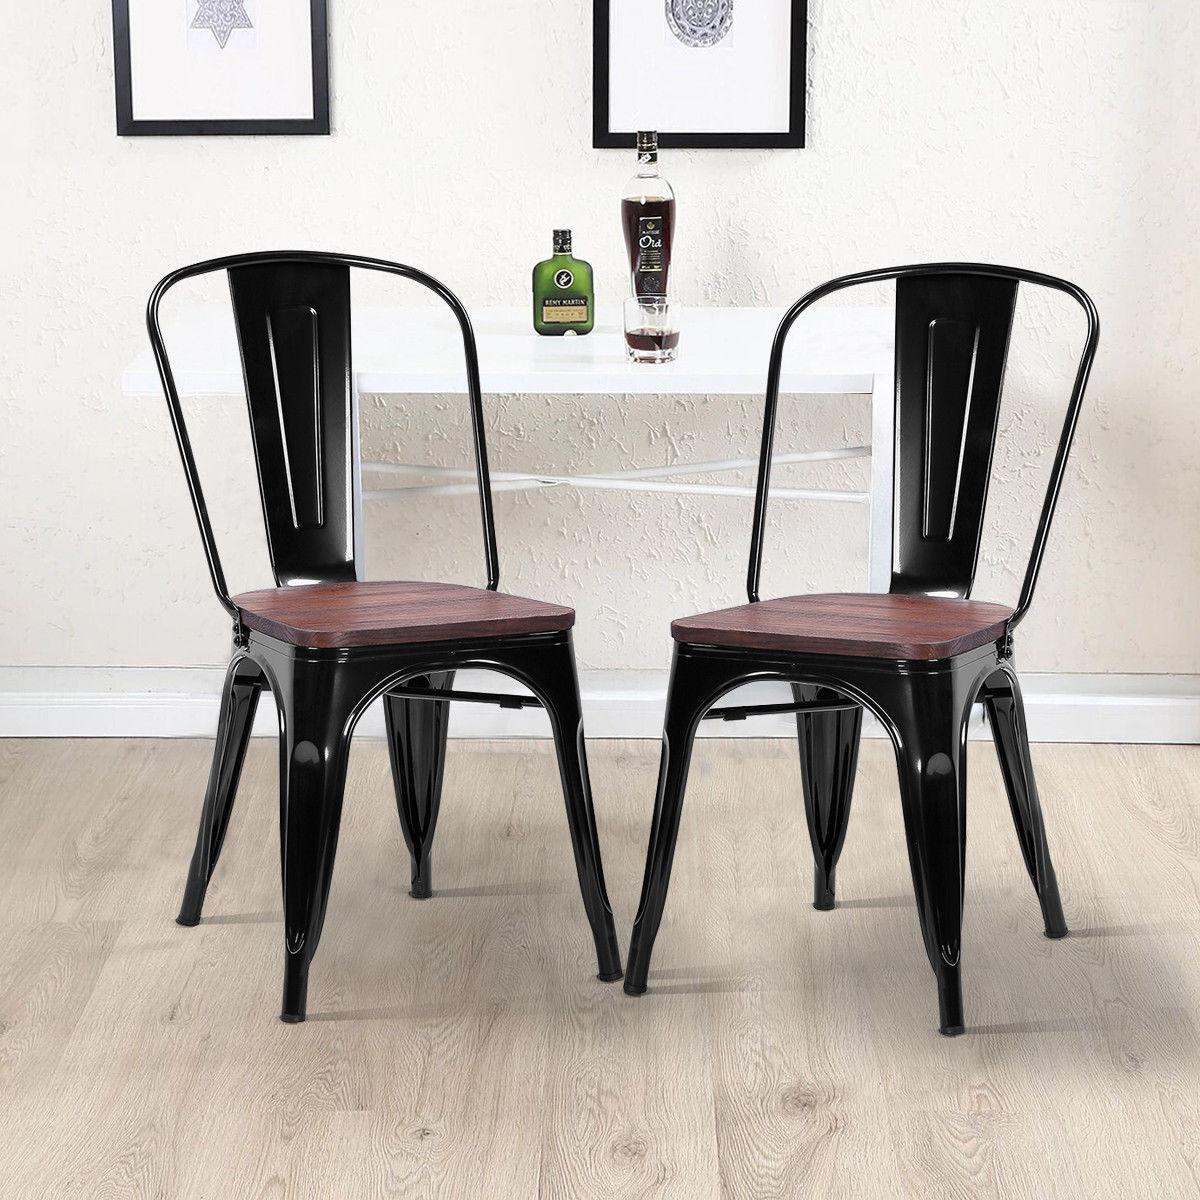 Giantex 2 шт. обеденный стул СОВРЕМЕННЫЕ СТЕКИРУЕМЫЕ бистро металлический деревянный табурет для отдыха дома Кухня мебель hw56682bk